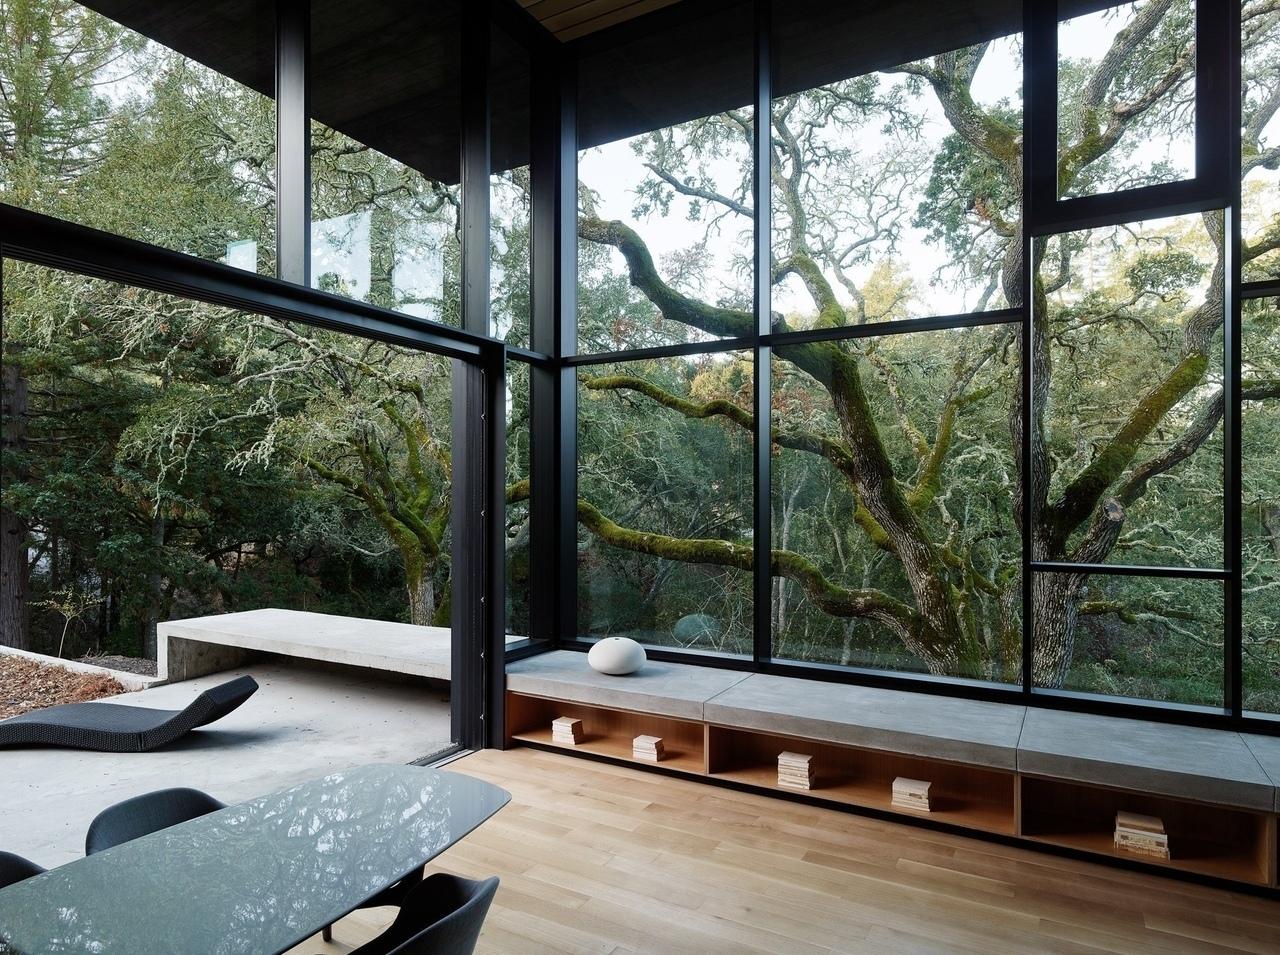 Faulkner Architects/Экологичный и энергоэффективный дом в Калифорнии